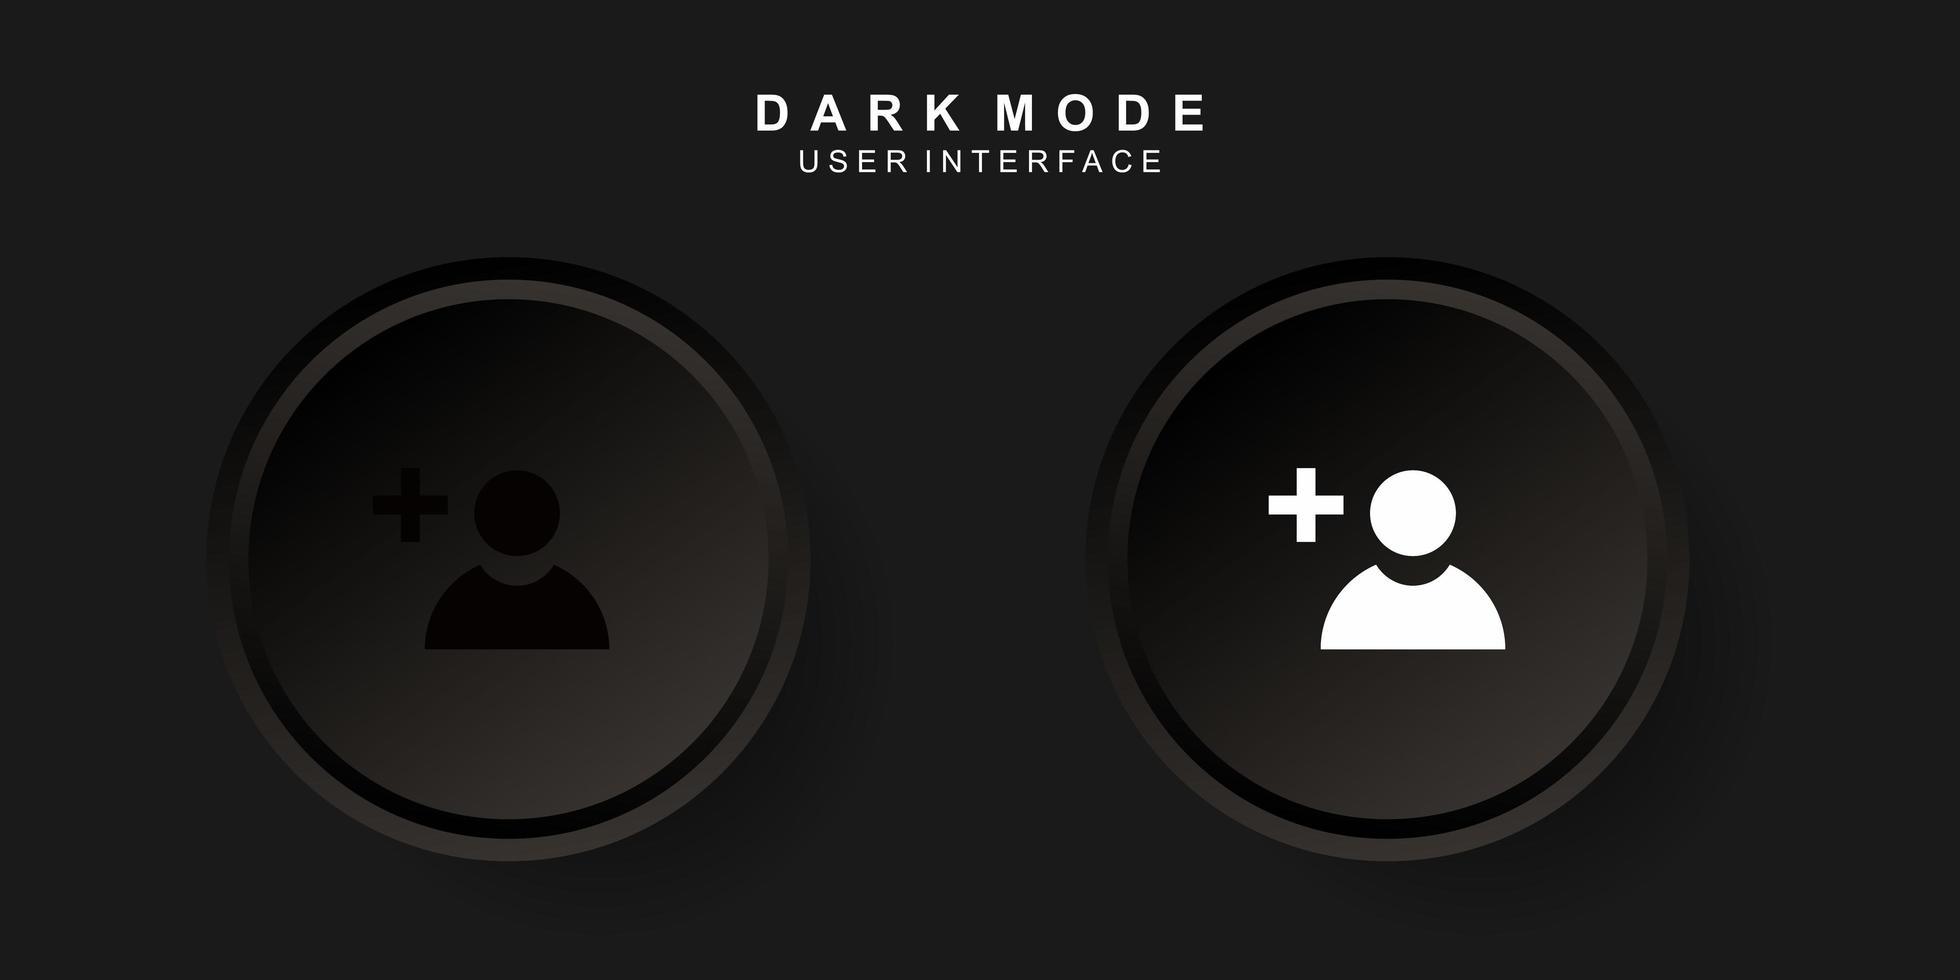 interface utilisateur créative simple ajout de contact dans la conception de neumorphisme. simple, moderne et minimaliste. vecteur